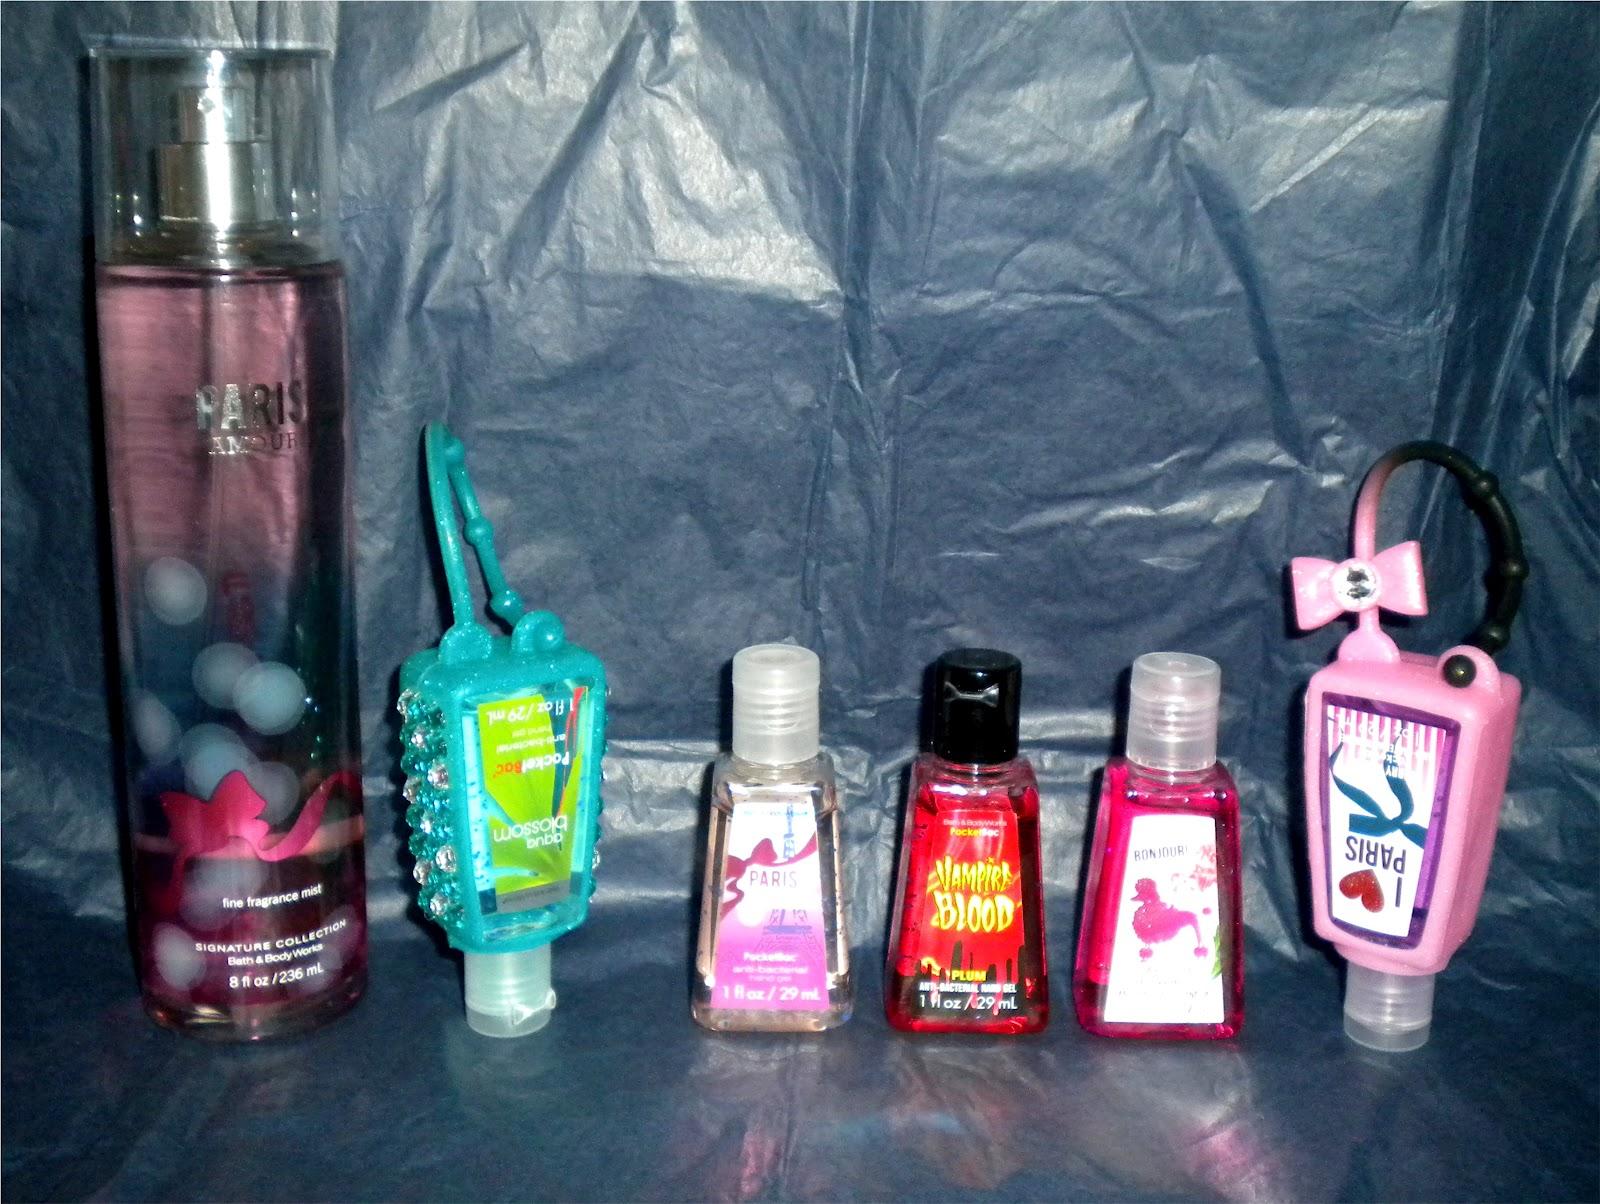 Mz Shy\'s Beauty: Bath & Body Works Haul + Great Deal!